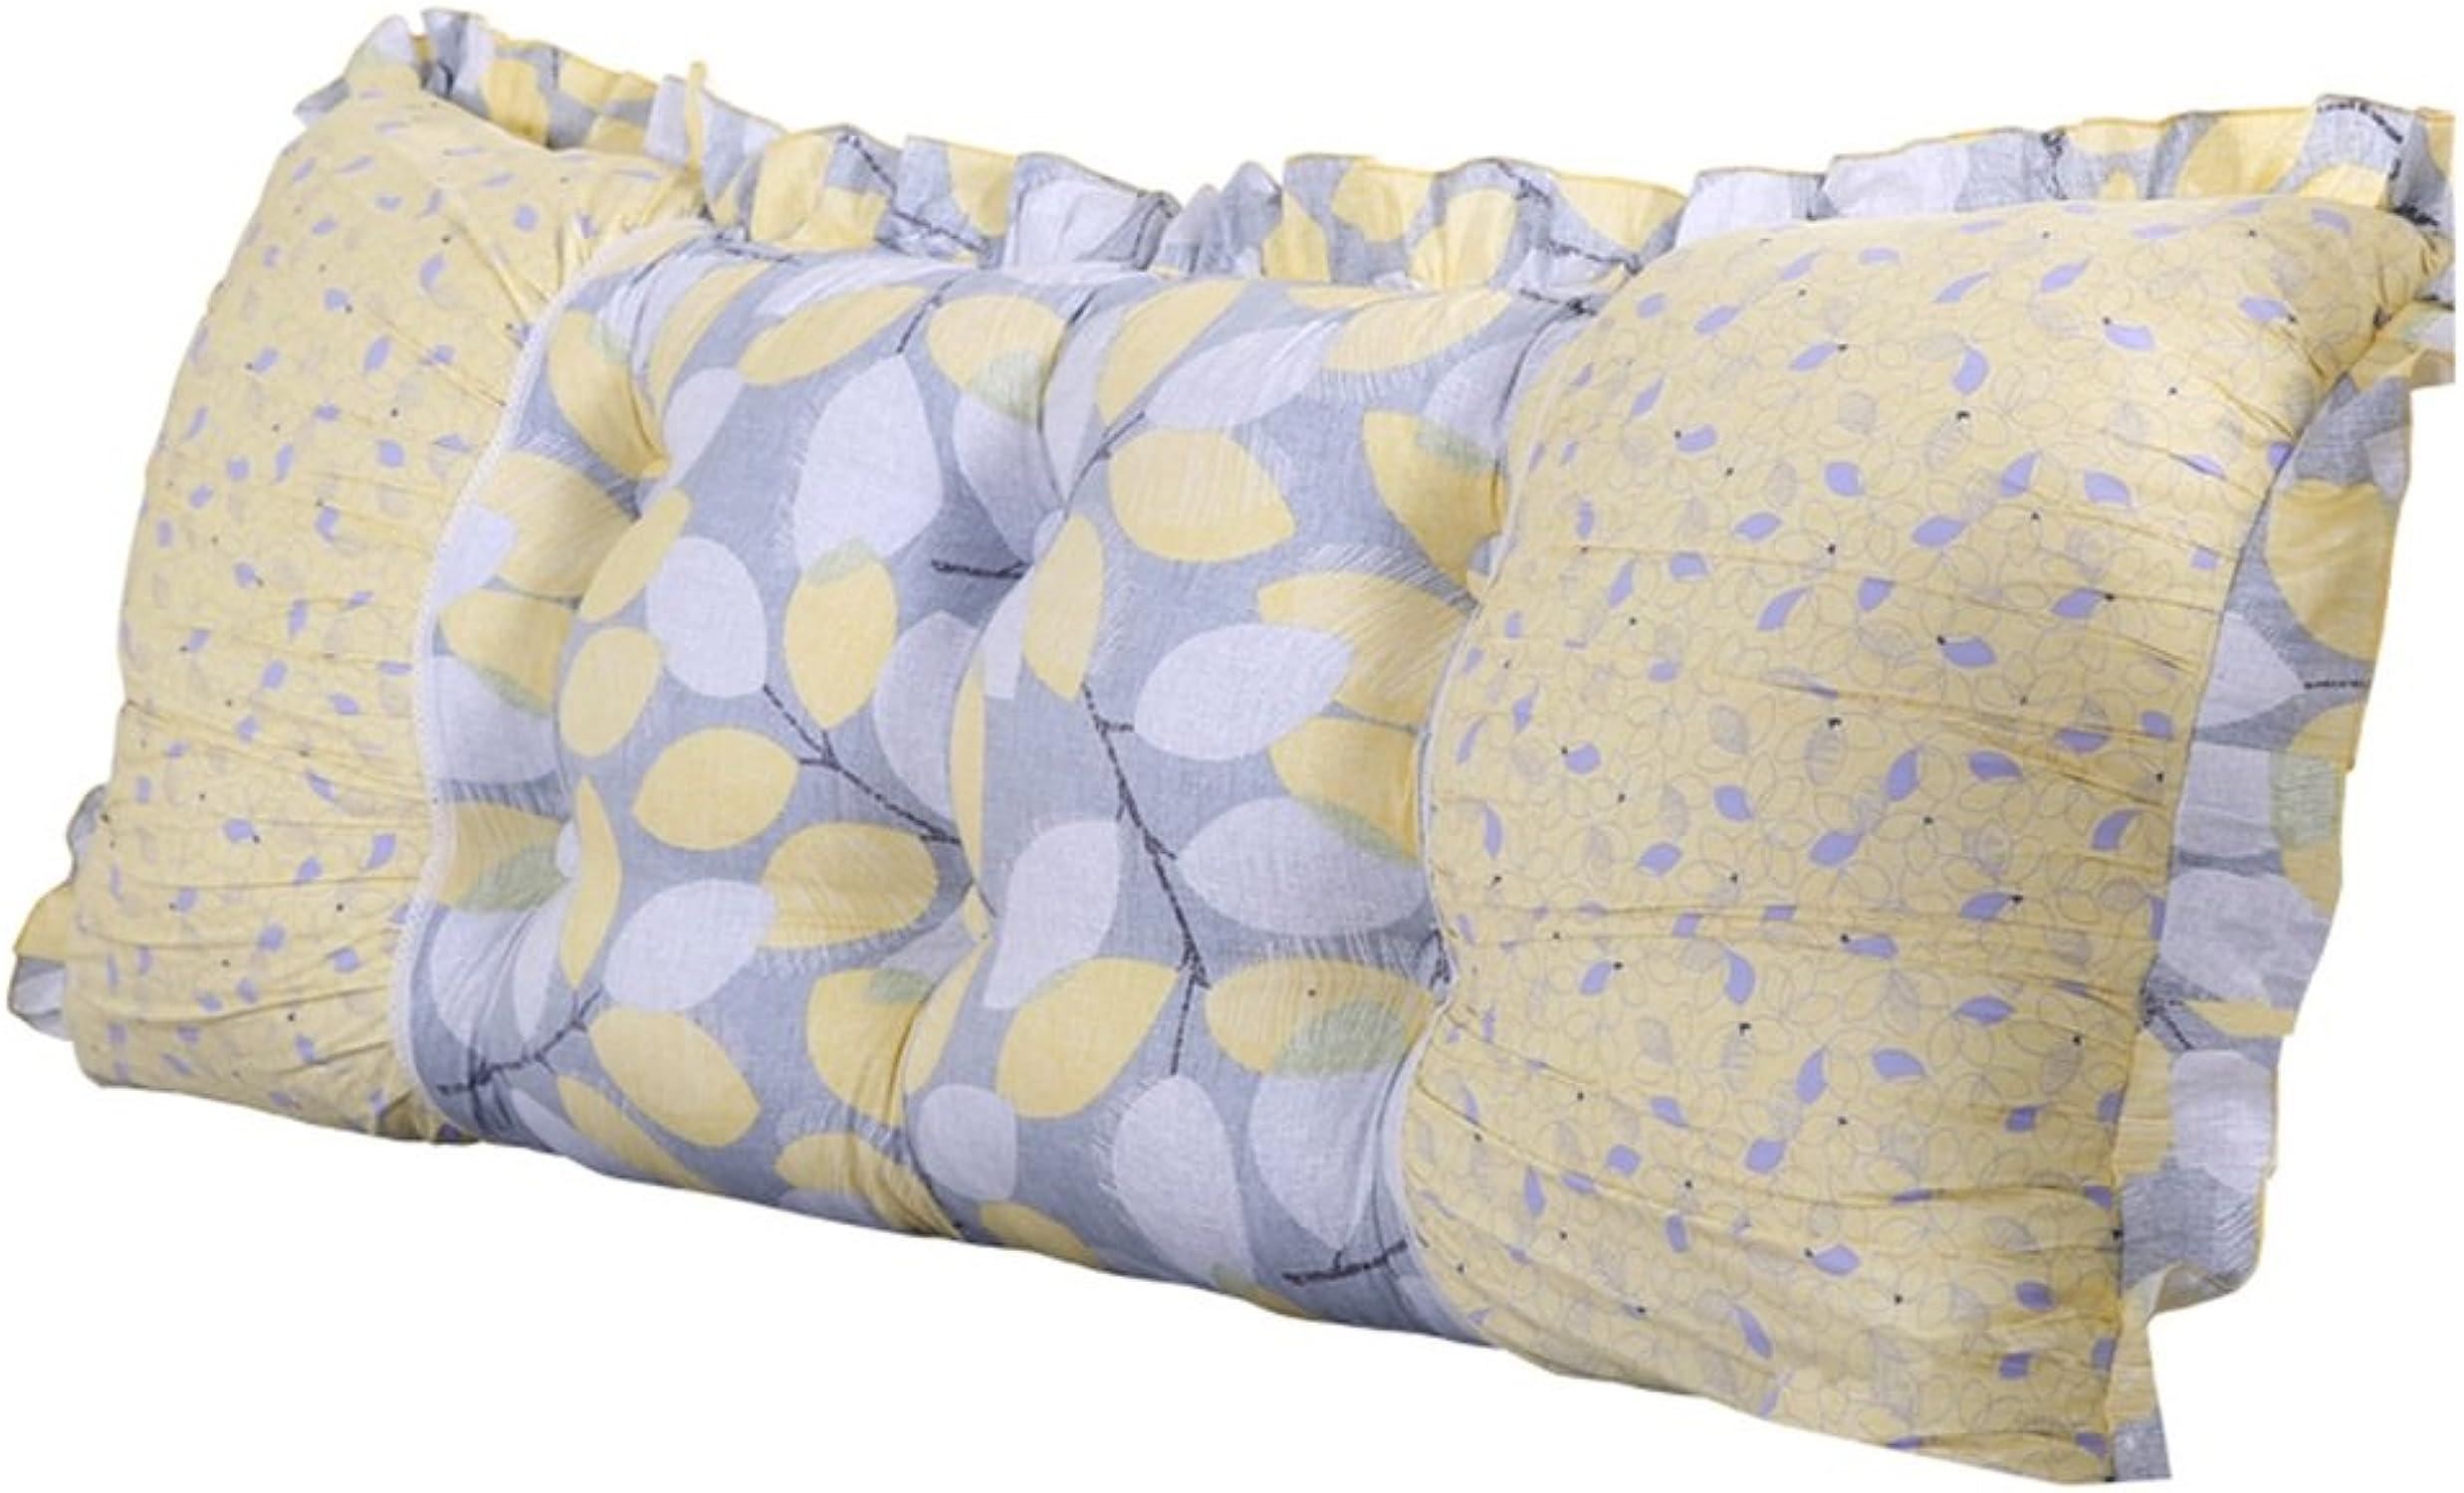 Grand Coussin de Chevet de Chevet de Chevet de lit de Chevet de Coton de Noyau de Multifonction avec la Tirette faciles à Nettoyer, 6 Couleurs, 5 Tailles (Couleur   1, Taille   100 × 50cm)